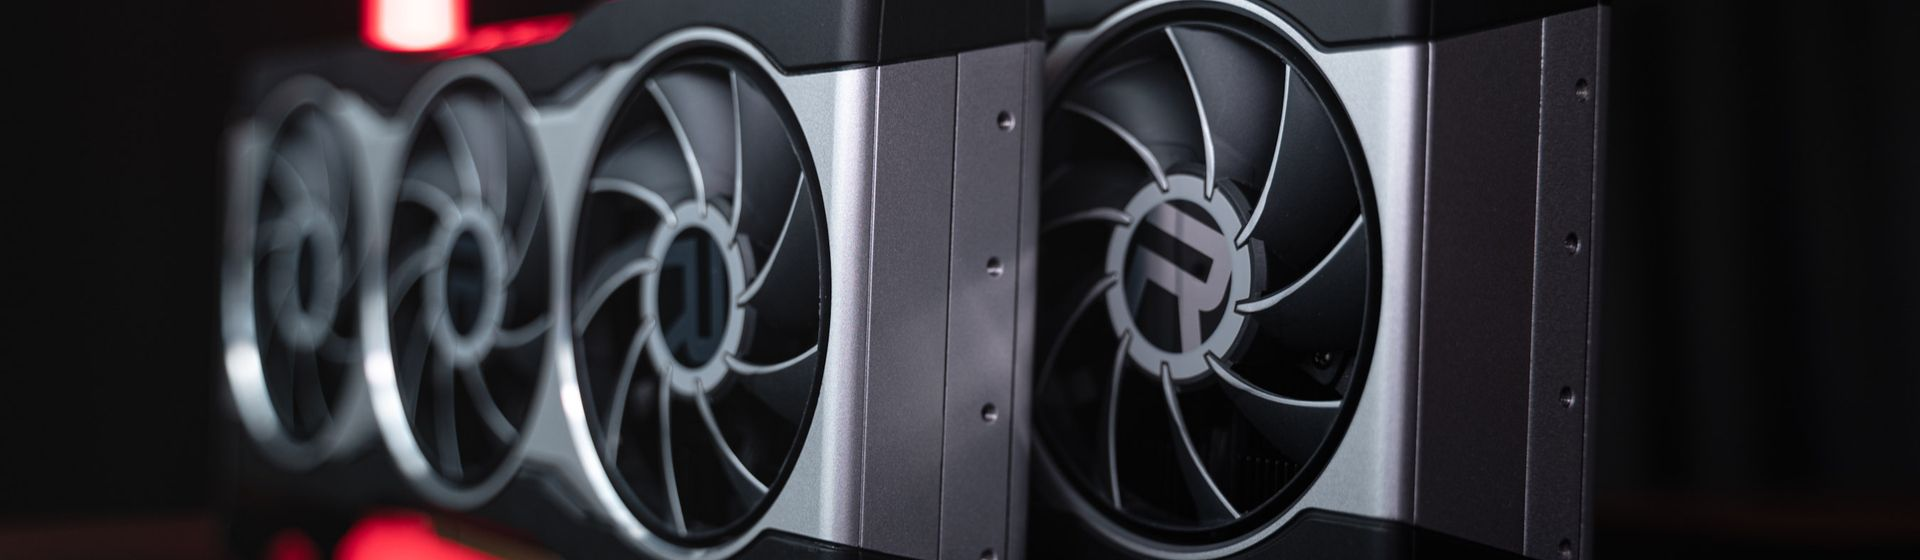 Placa de vídeo AMD: melhores modelos para comprar em 2021